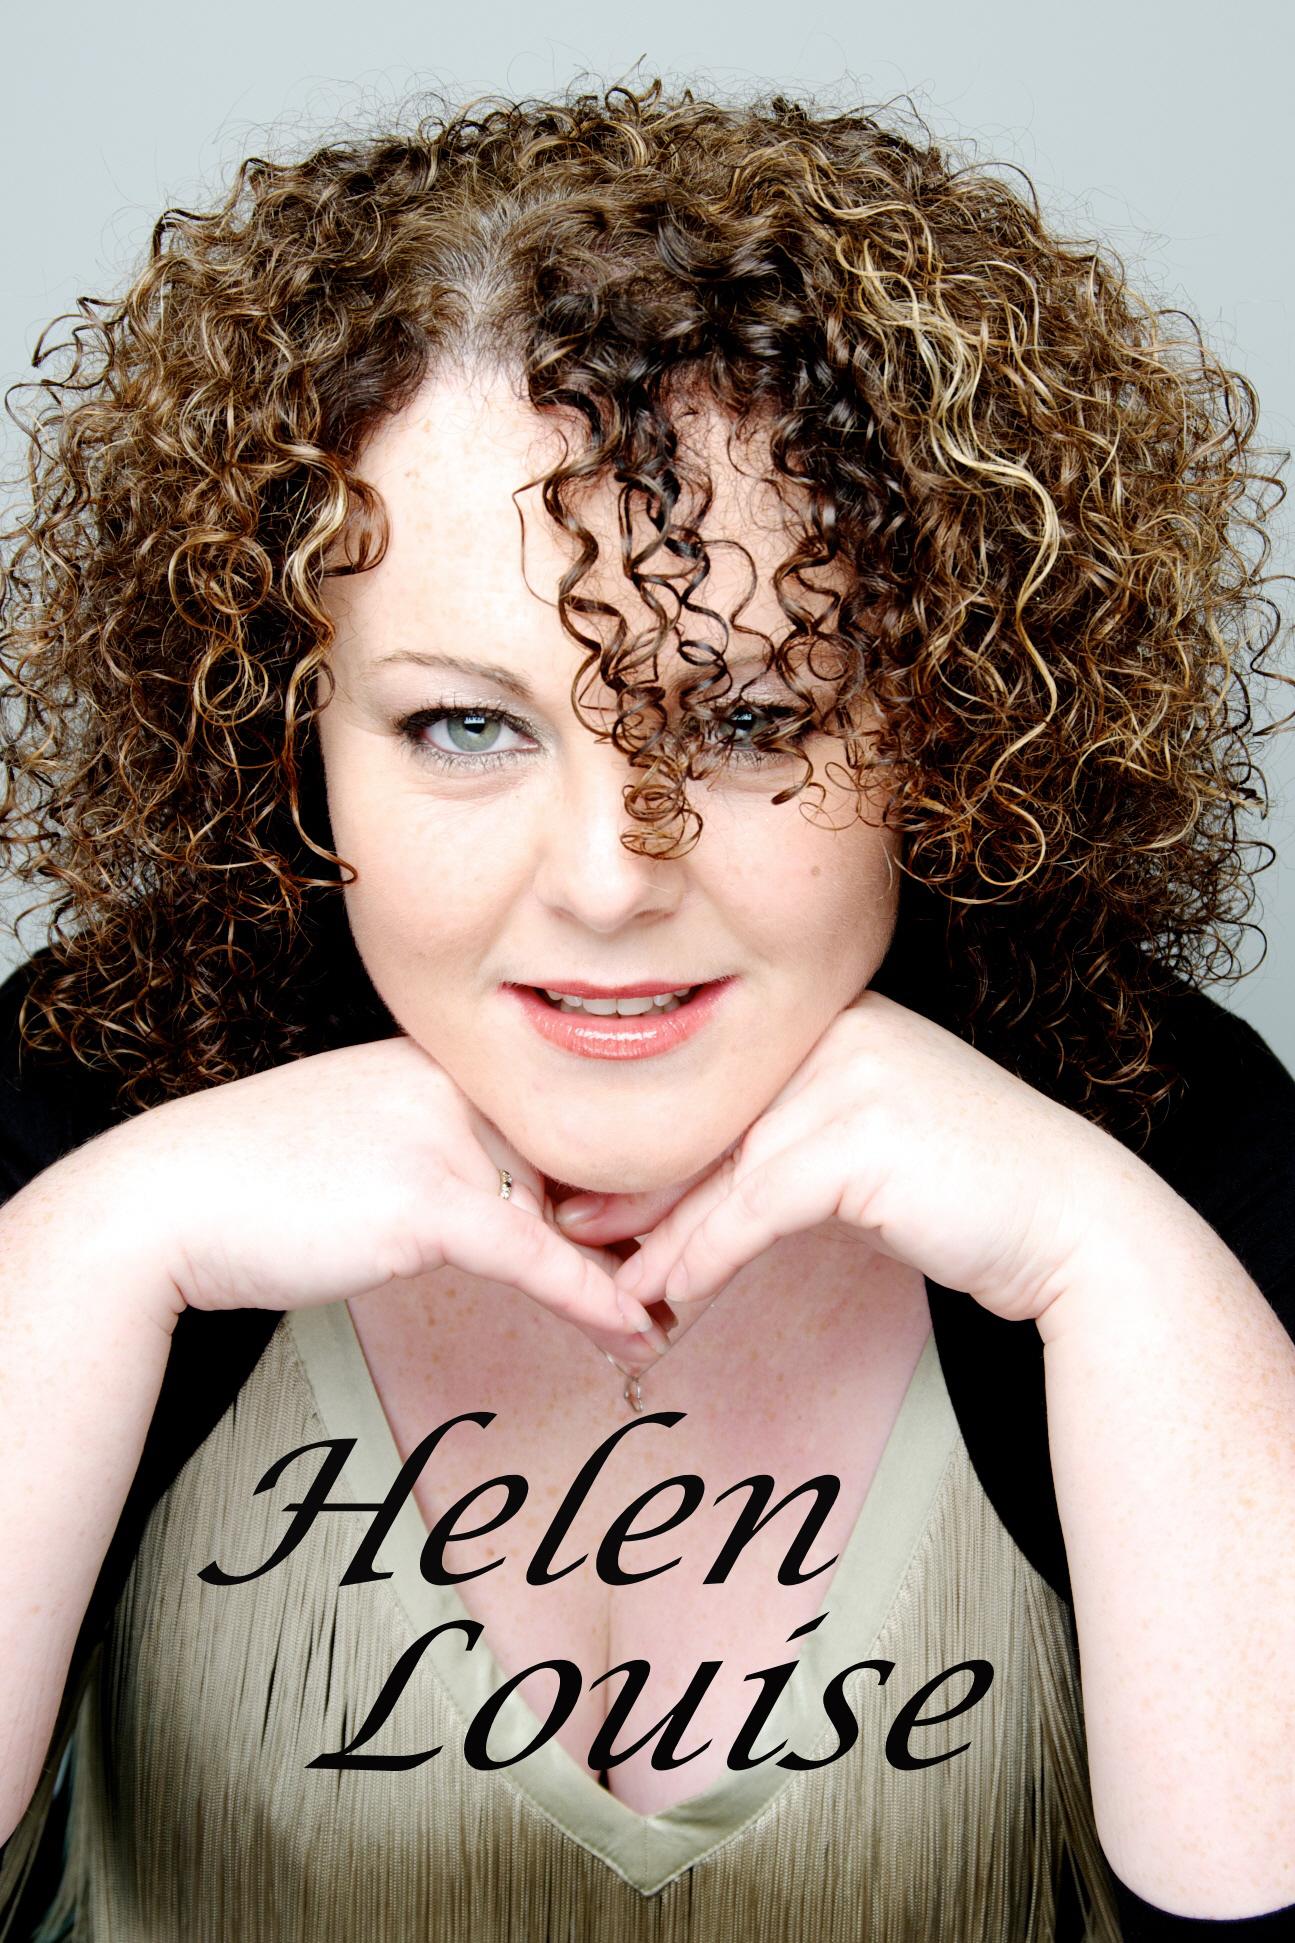 Helen Louise